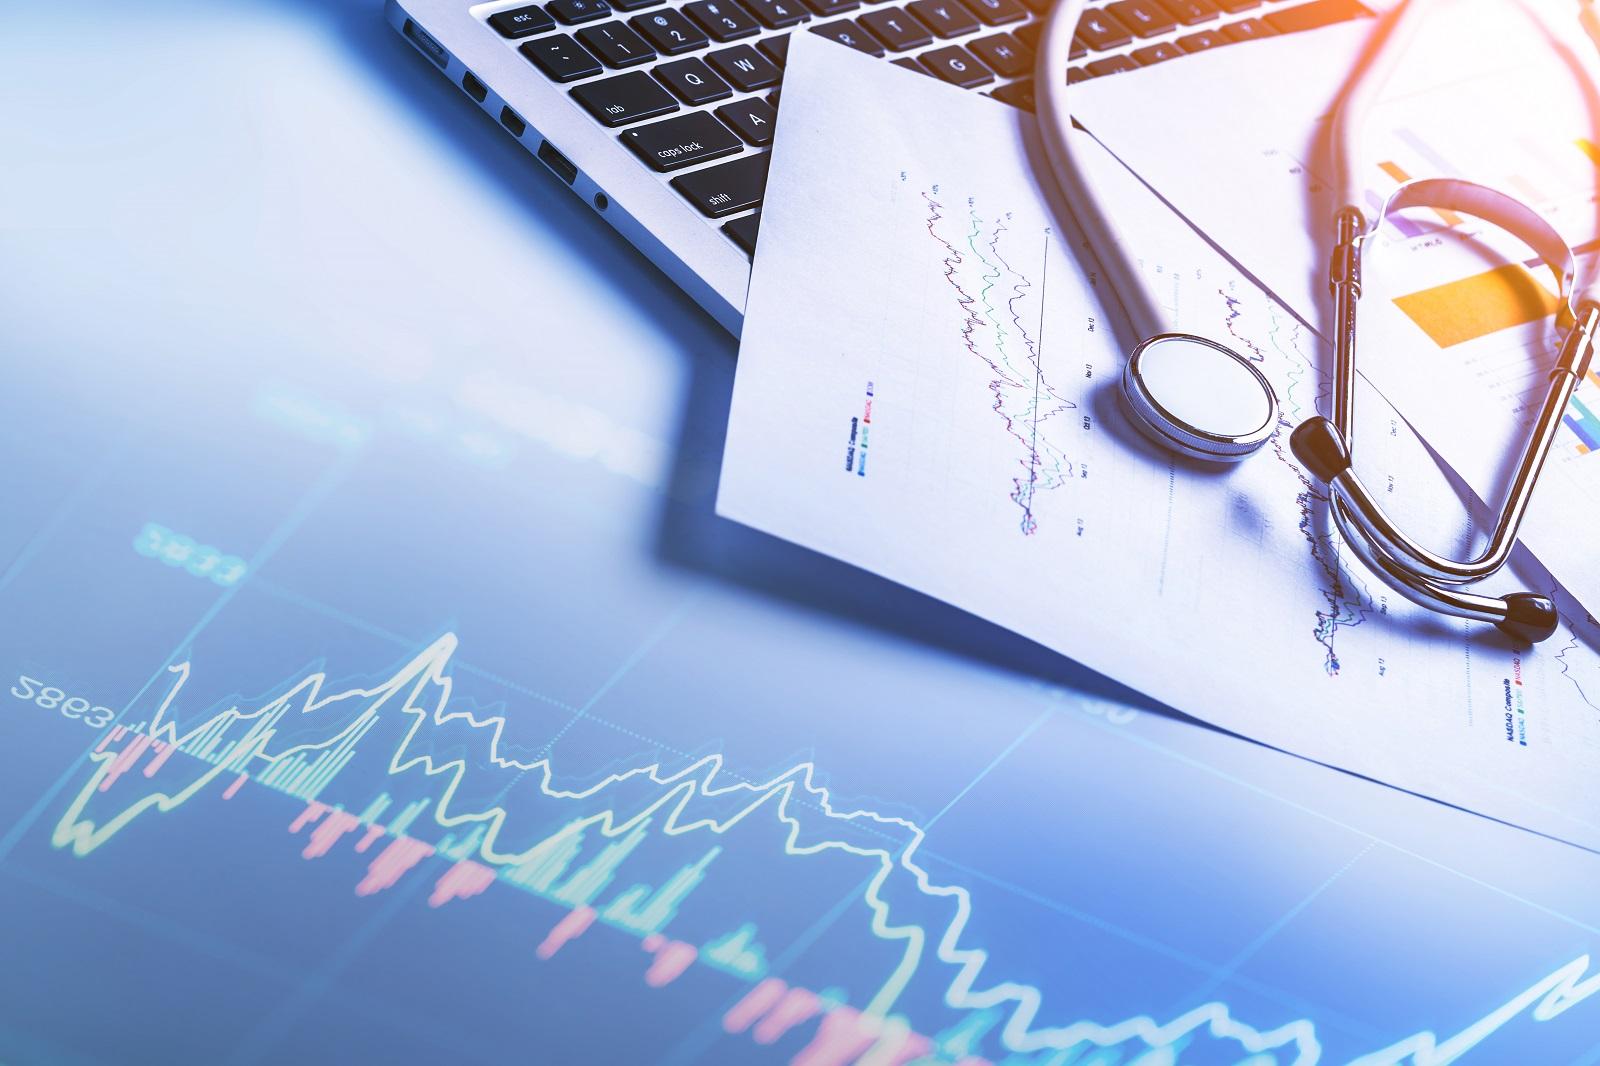 כלים לשיווק דיגיטלי ופרסום יעיל של העסק הרפואי שלך